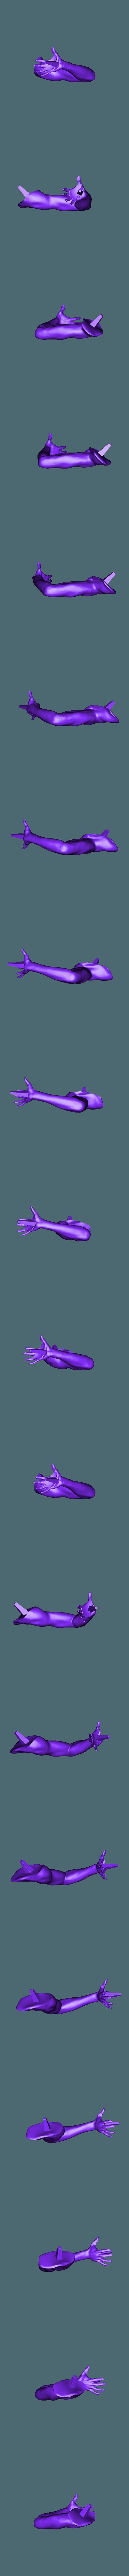 bras droit.STL Télécharger fichier STL gratuit statue kobe bryant • Design à imprimer en 3D, fantibus14